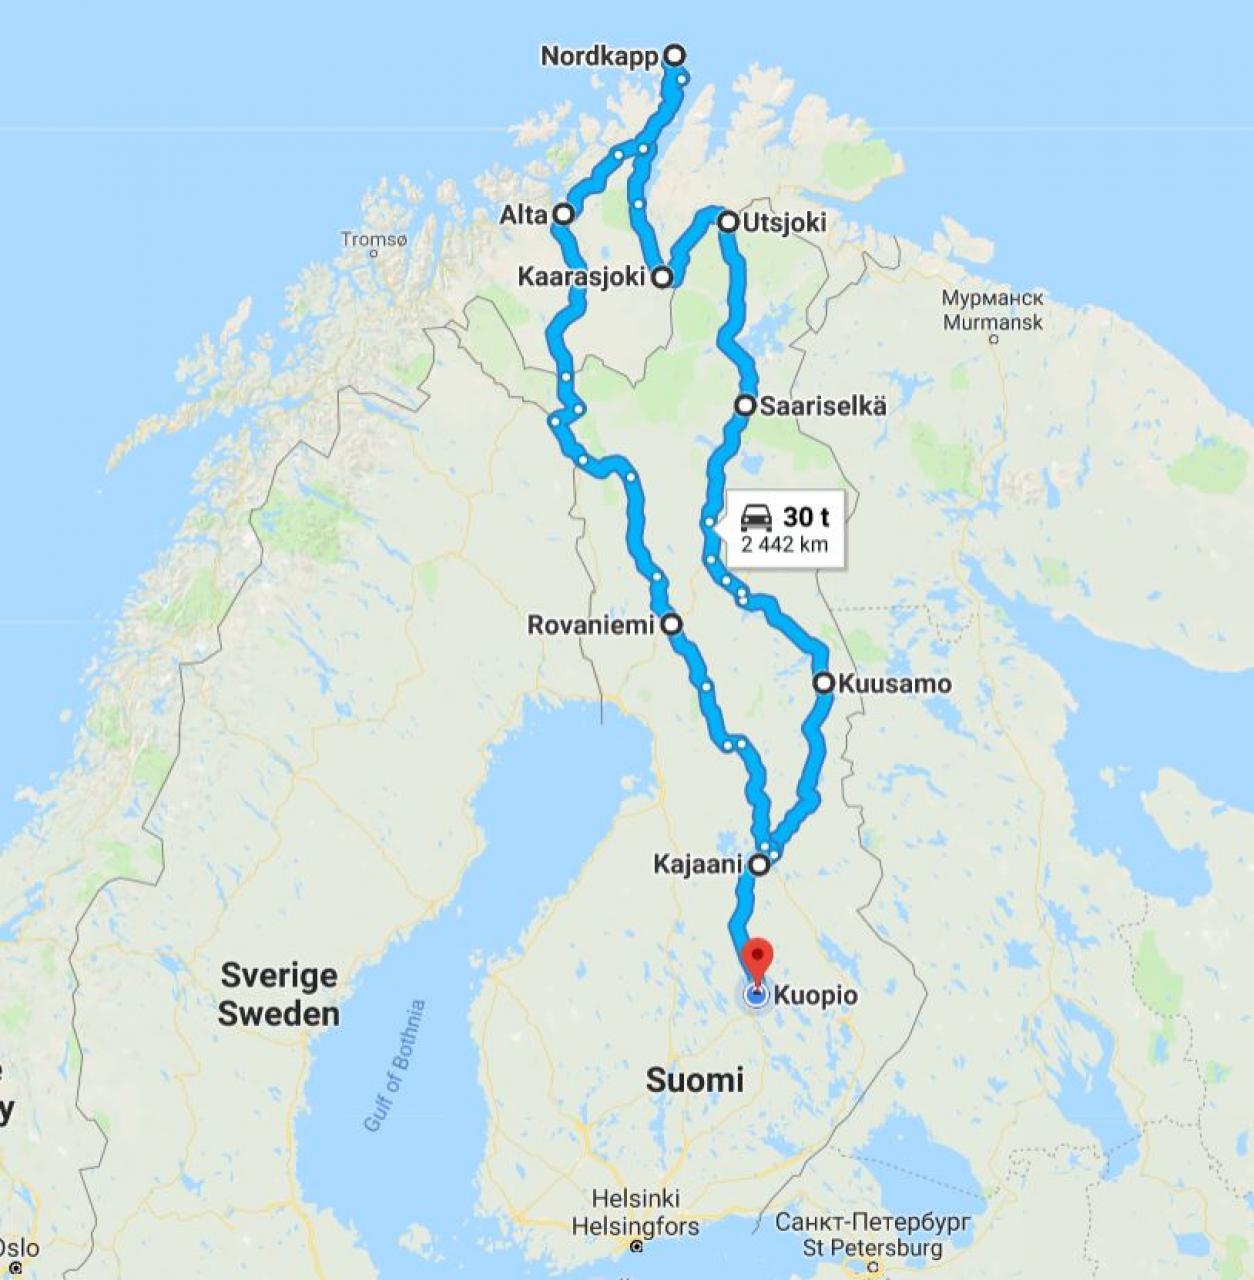 Suomen Jarjestamme Laadukkaat Euroopan Kiertomatkat